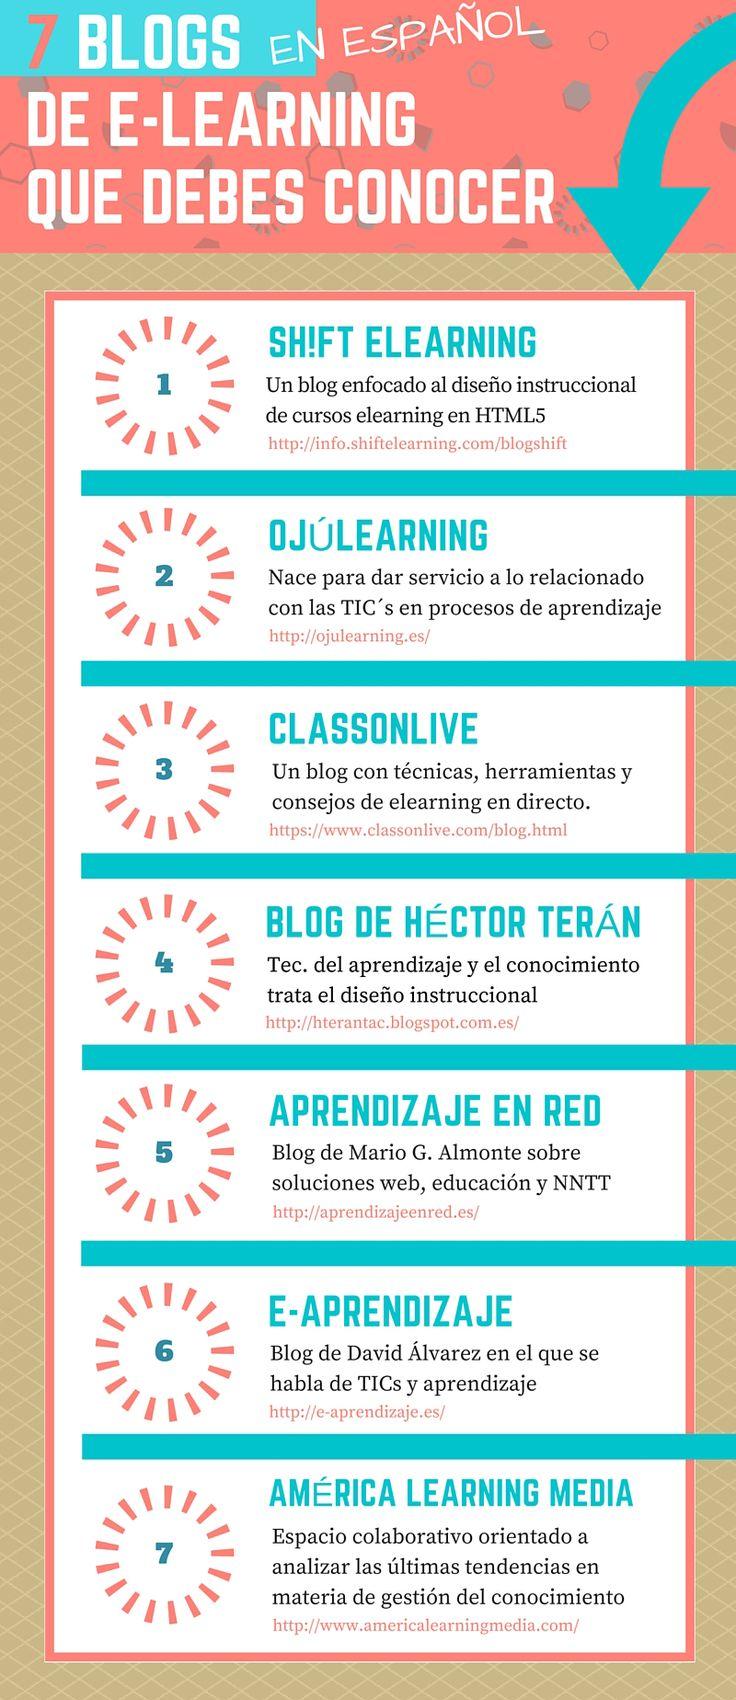 7 Blogs de E-Learning